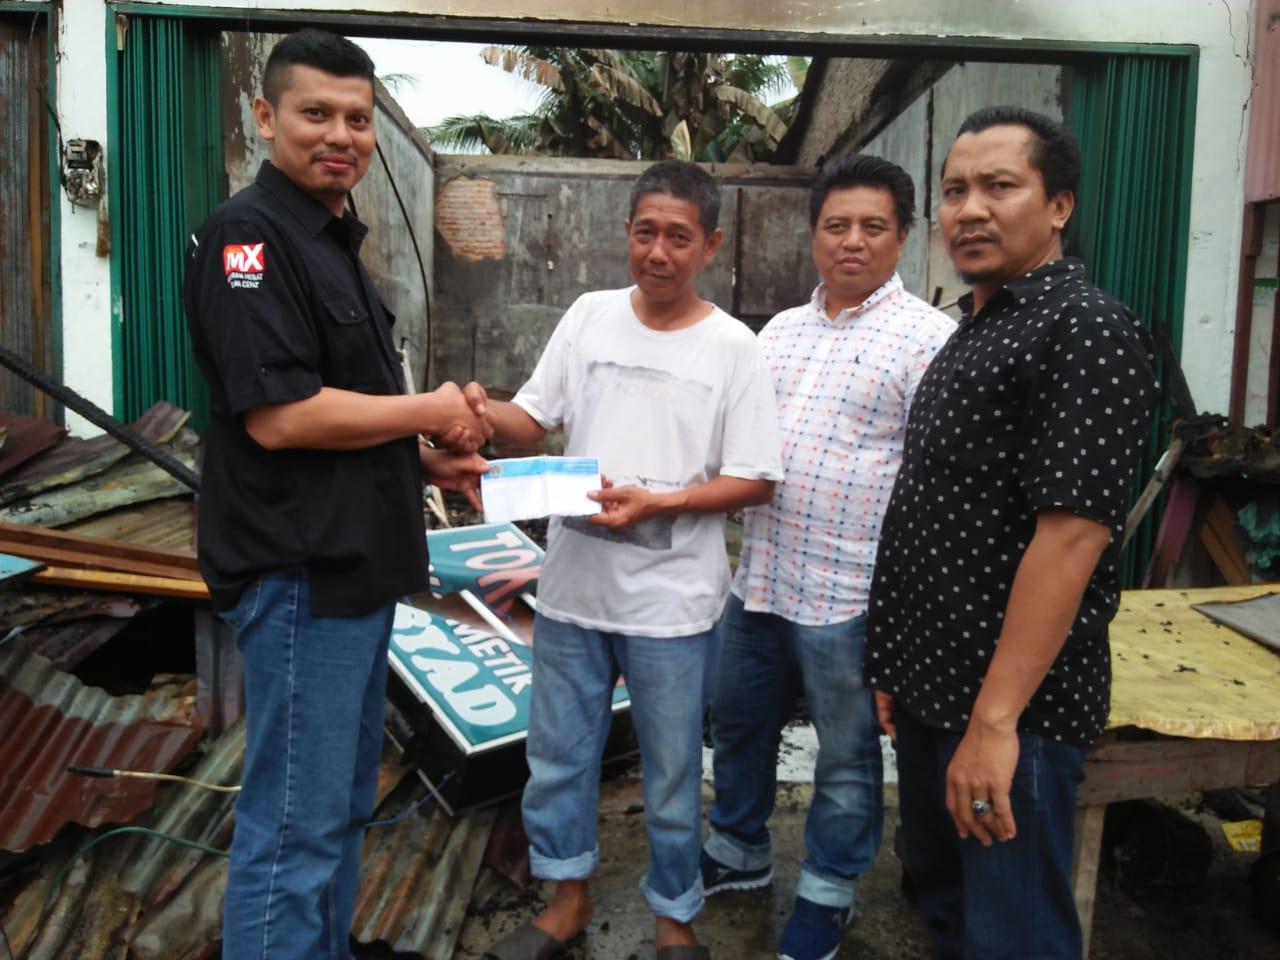 Penyerahan bantuan kepada M Said, wartawan Pekanbaru MX  di Pangkalan Kerinci, Pelalawan, yang mendapat musibah kebakaran